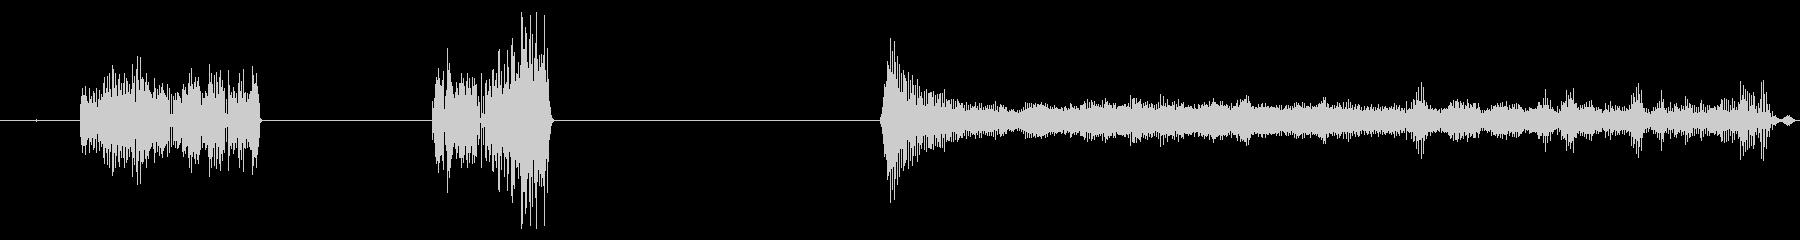 EXHALE、タングとリップ付きの...の未再生の波形